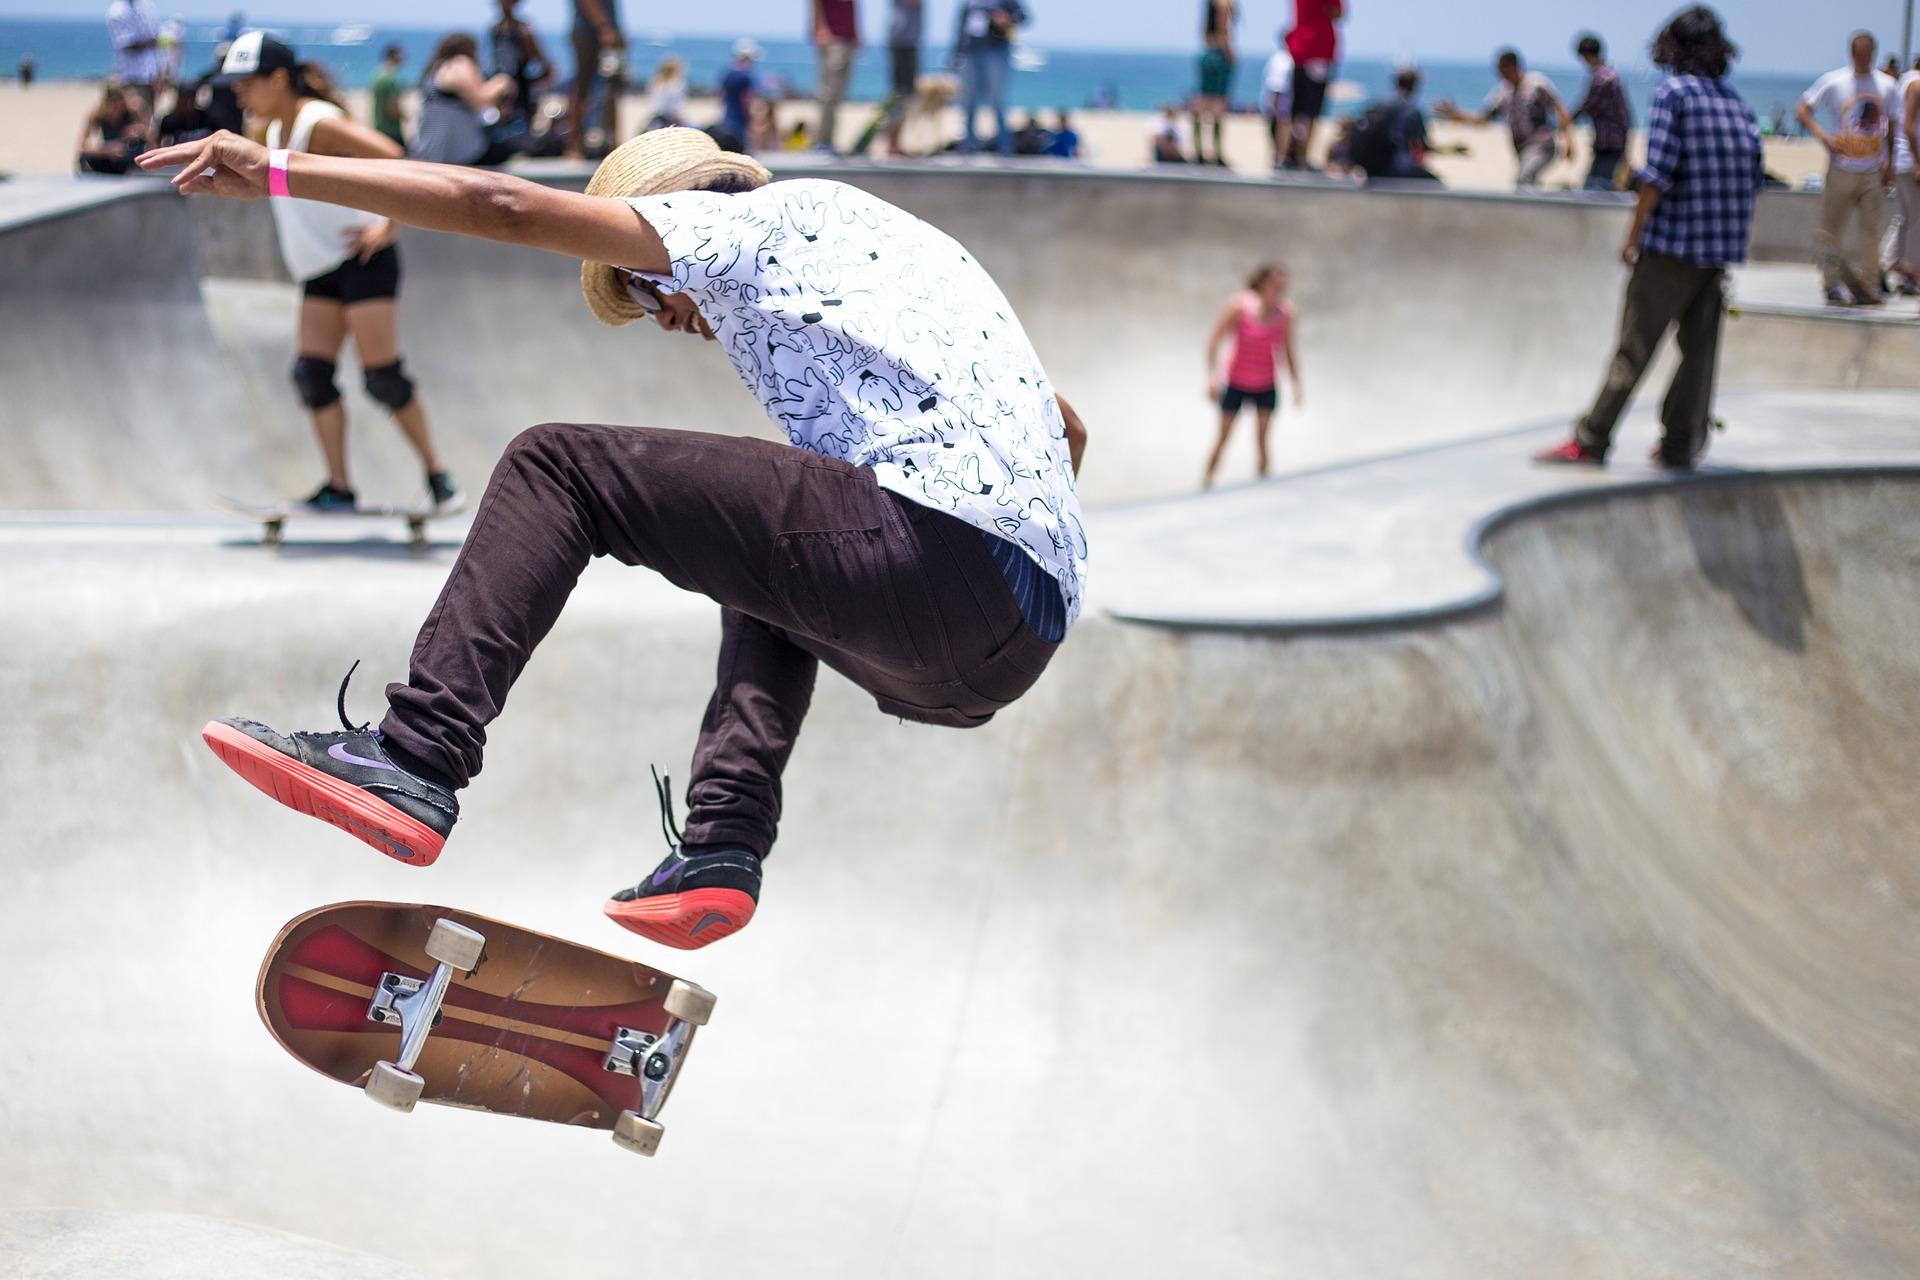 Mit einem Skateboard kannst du tolle Tricks einstudieren und problemlos lange Strecken fahren.